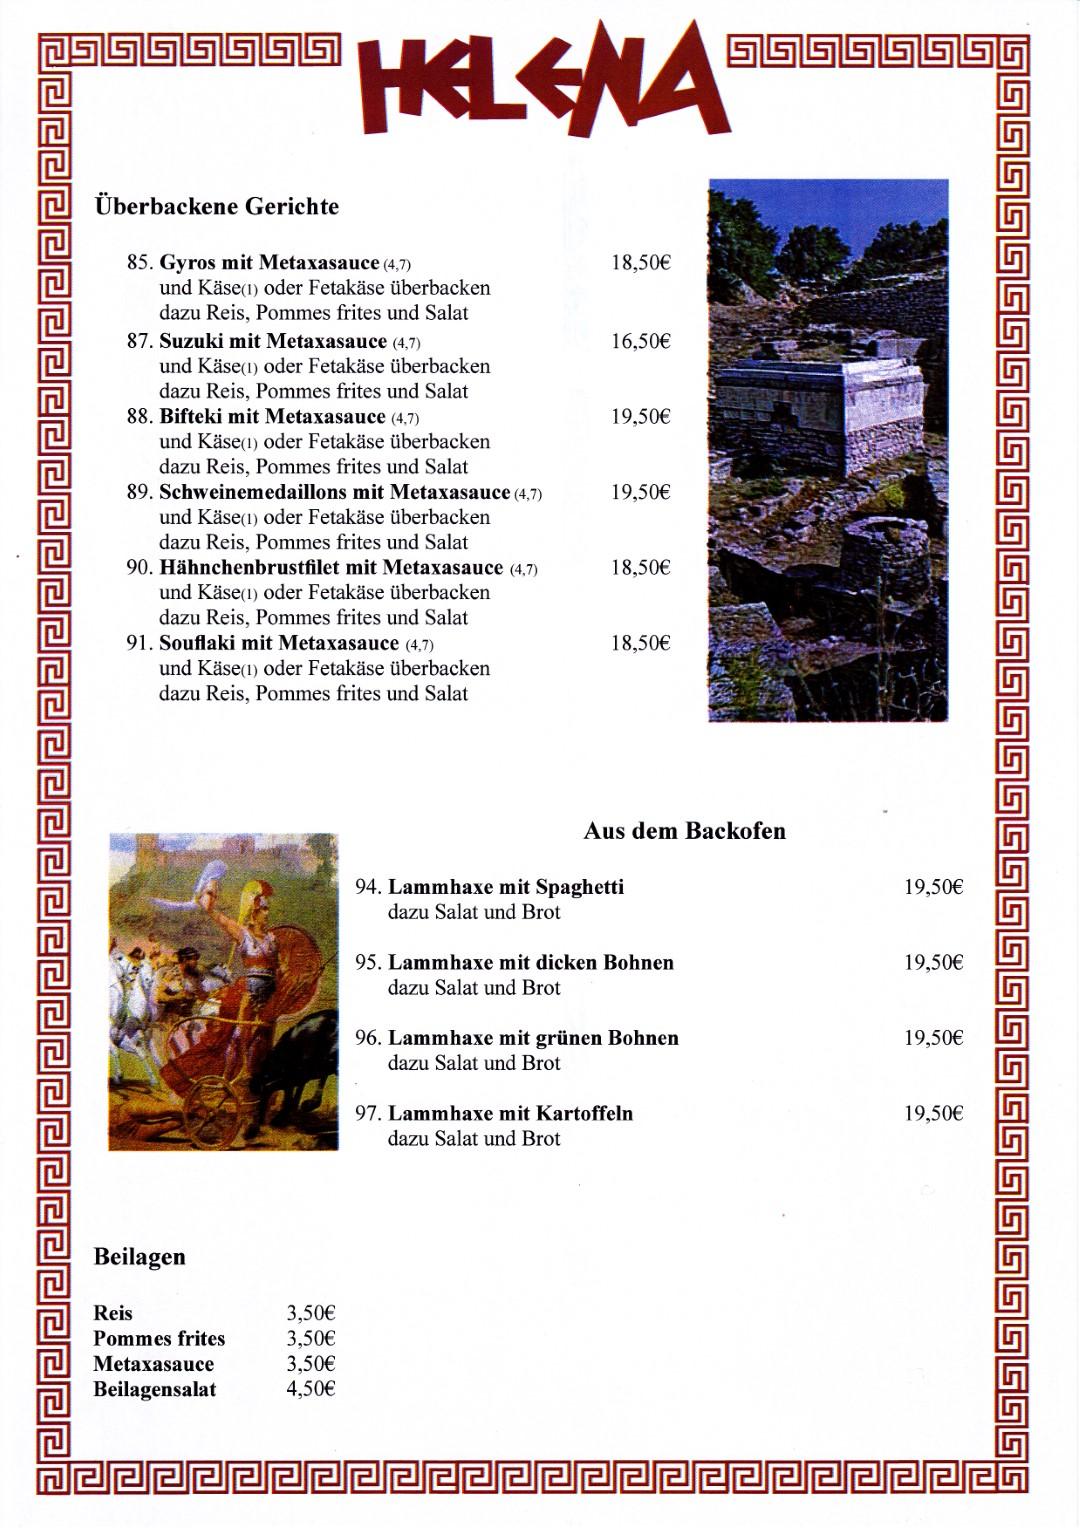 Speisekarte-06